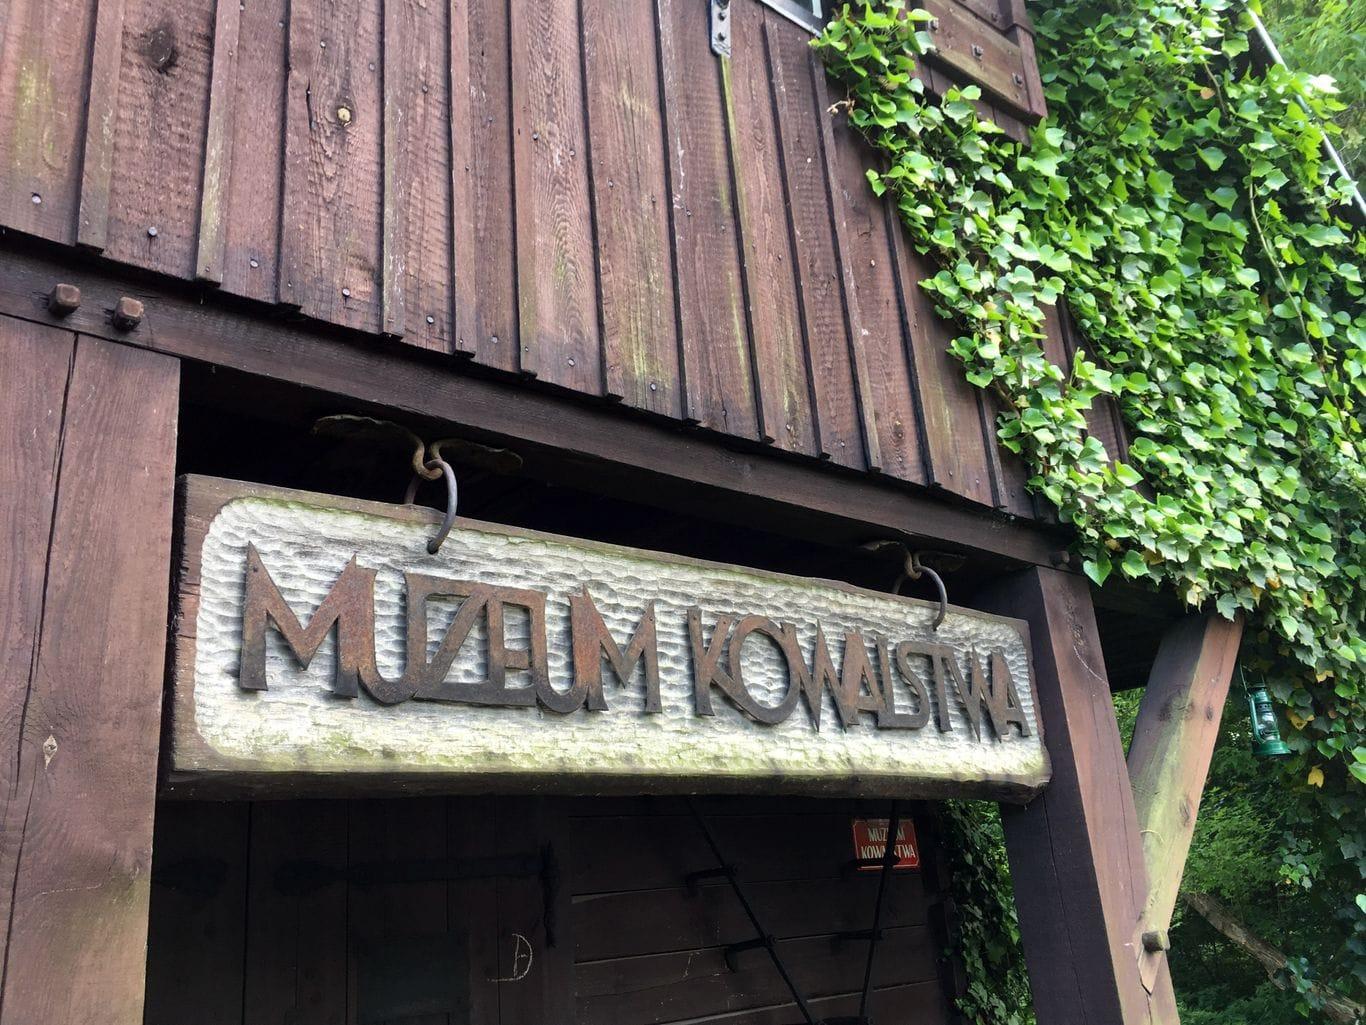 Muzeum kowalstwa w Warszawie - Metalowy Szyld